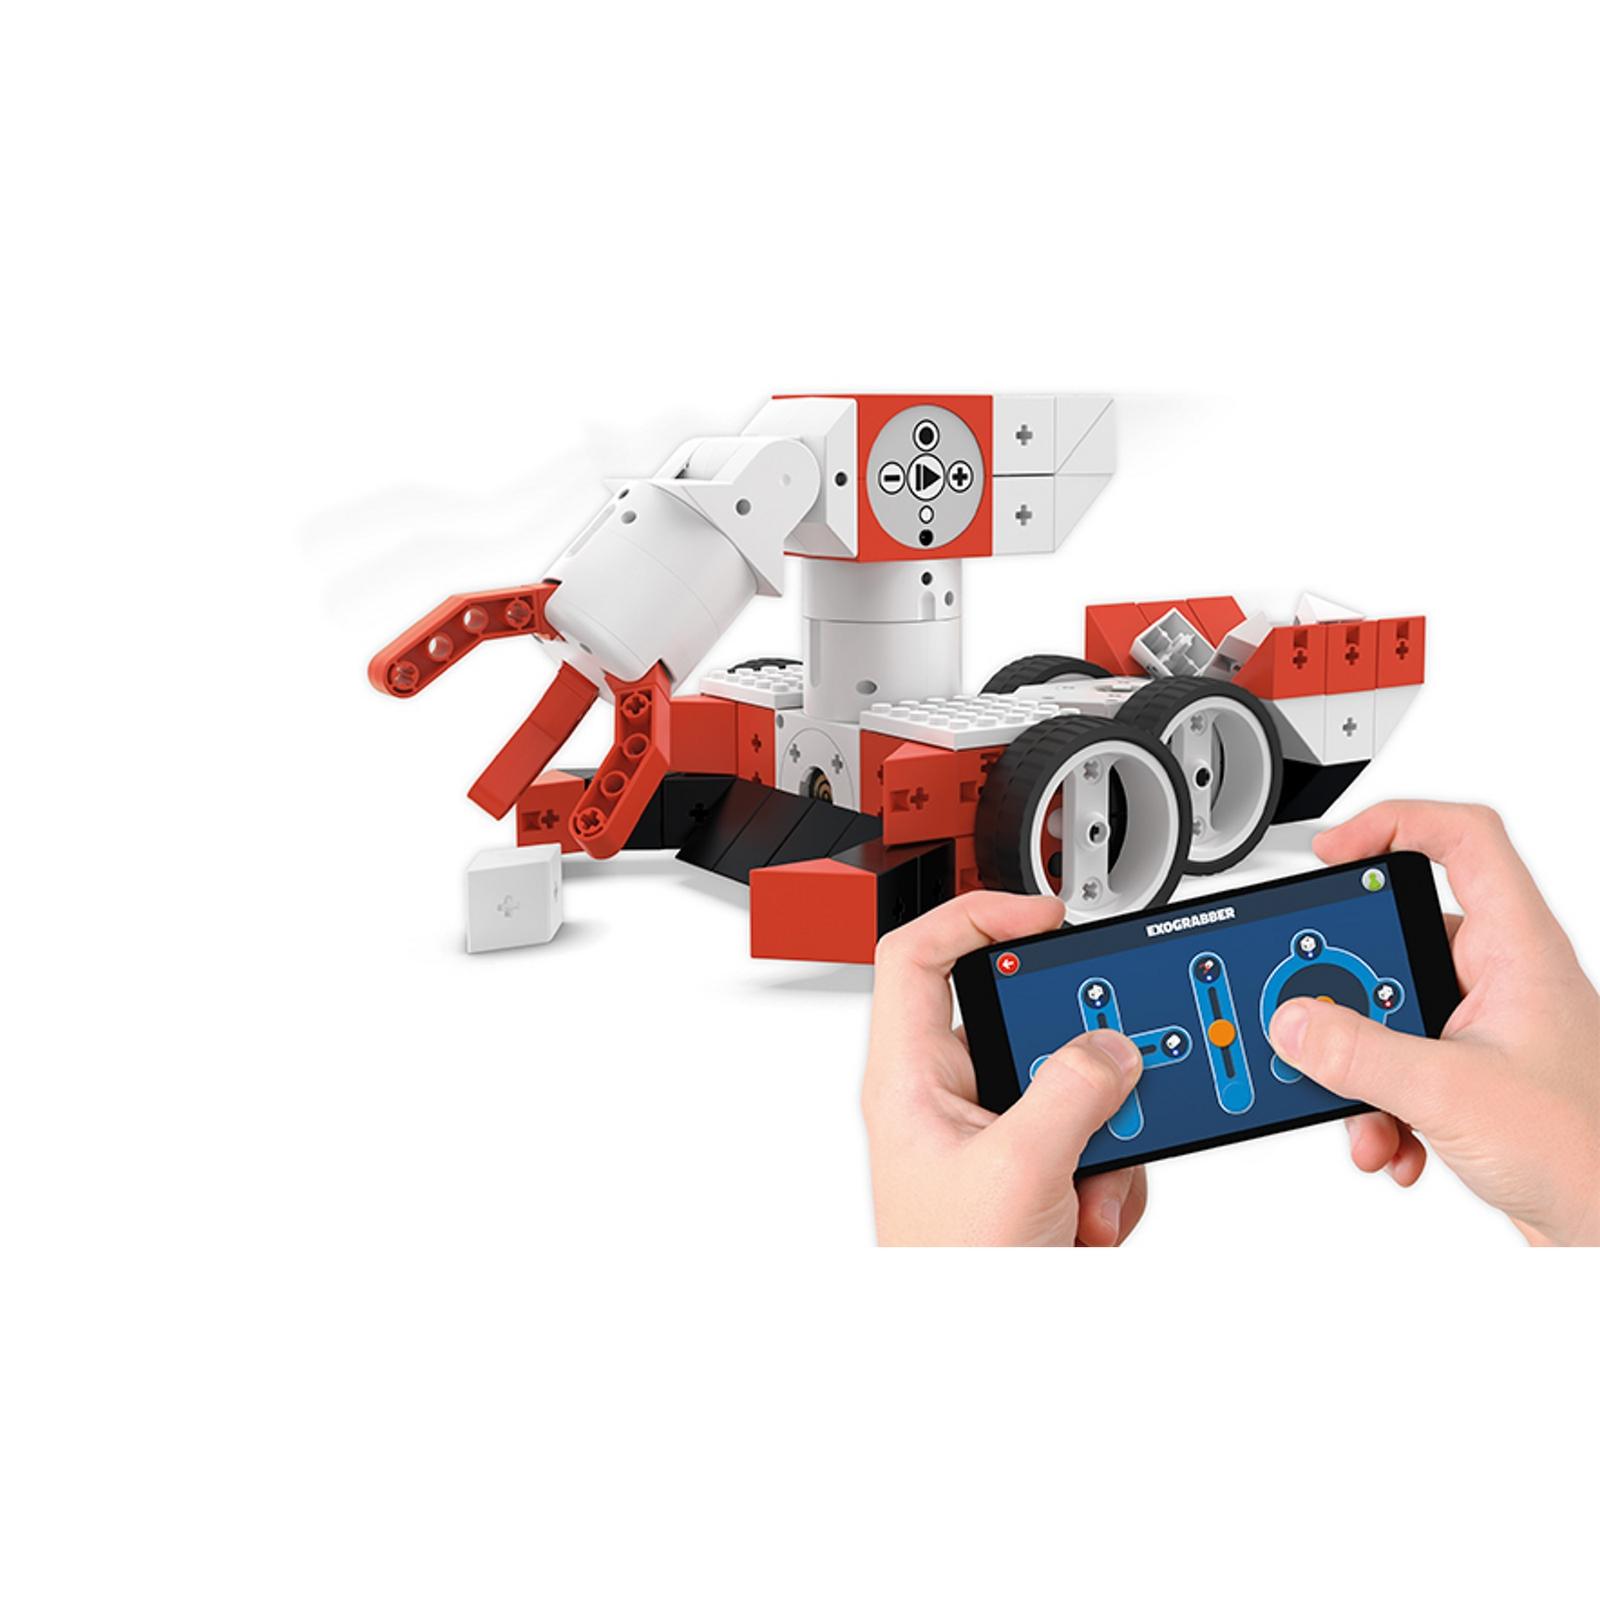 Tinkerbots Mega Robotics  Set